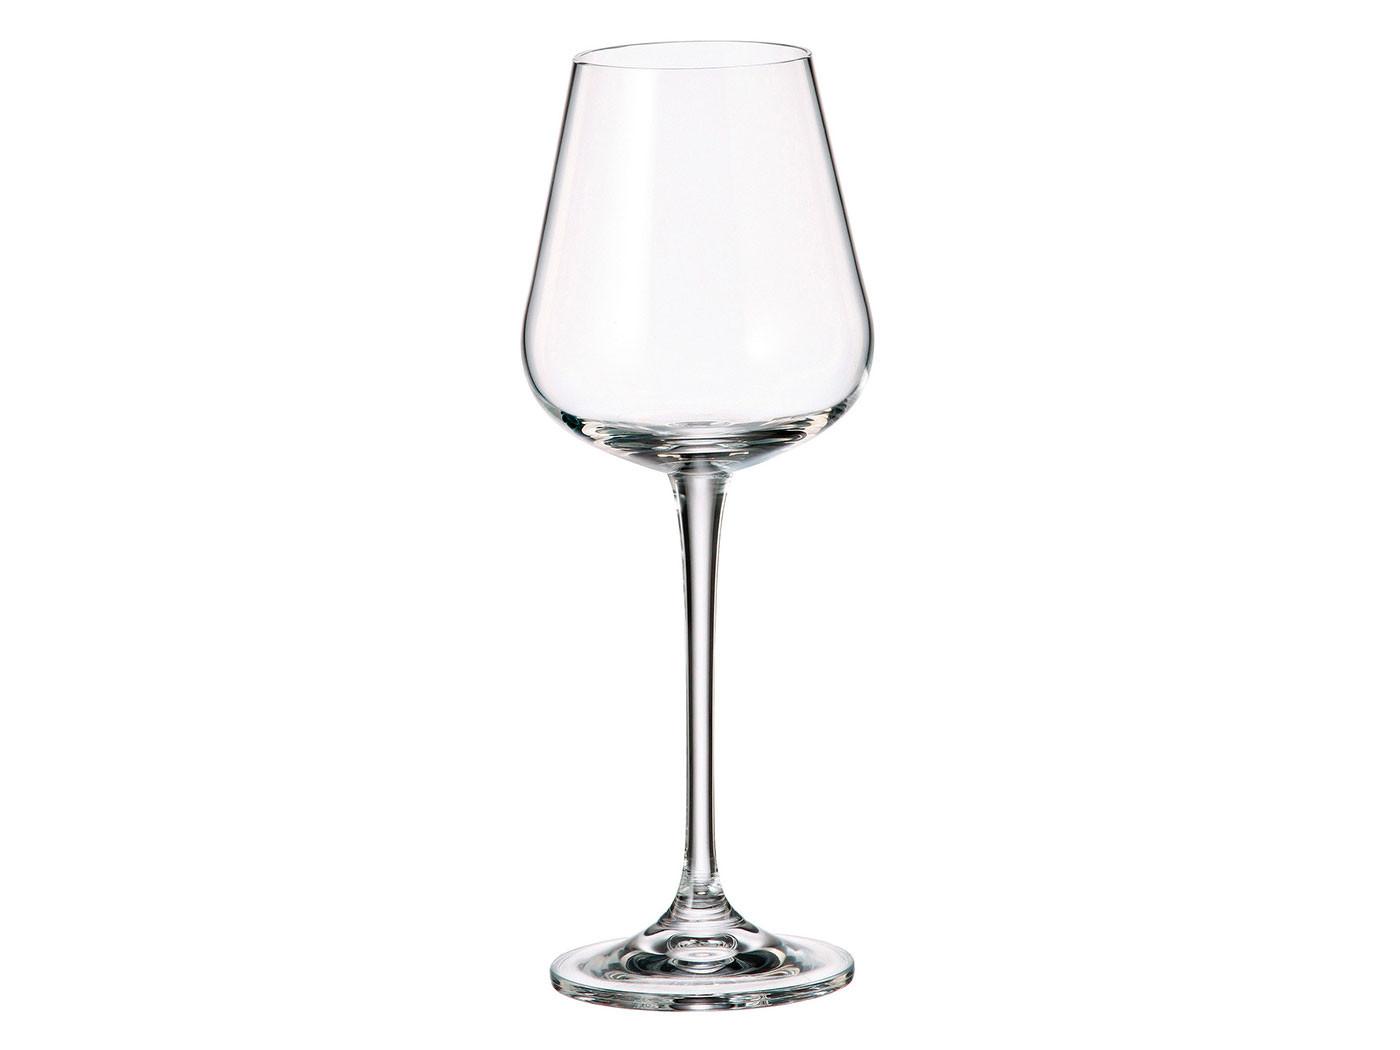 Фото - Набор бокалов Первый Мебельный Набор бокалов для вина Crystalite Bohemia Ardea/Amundsen 260 мл (6 шт) набор бокалов первый мебельный набор бокалов для вина crystalite bohemia ardea amundsen 450мл 6 шт